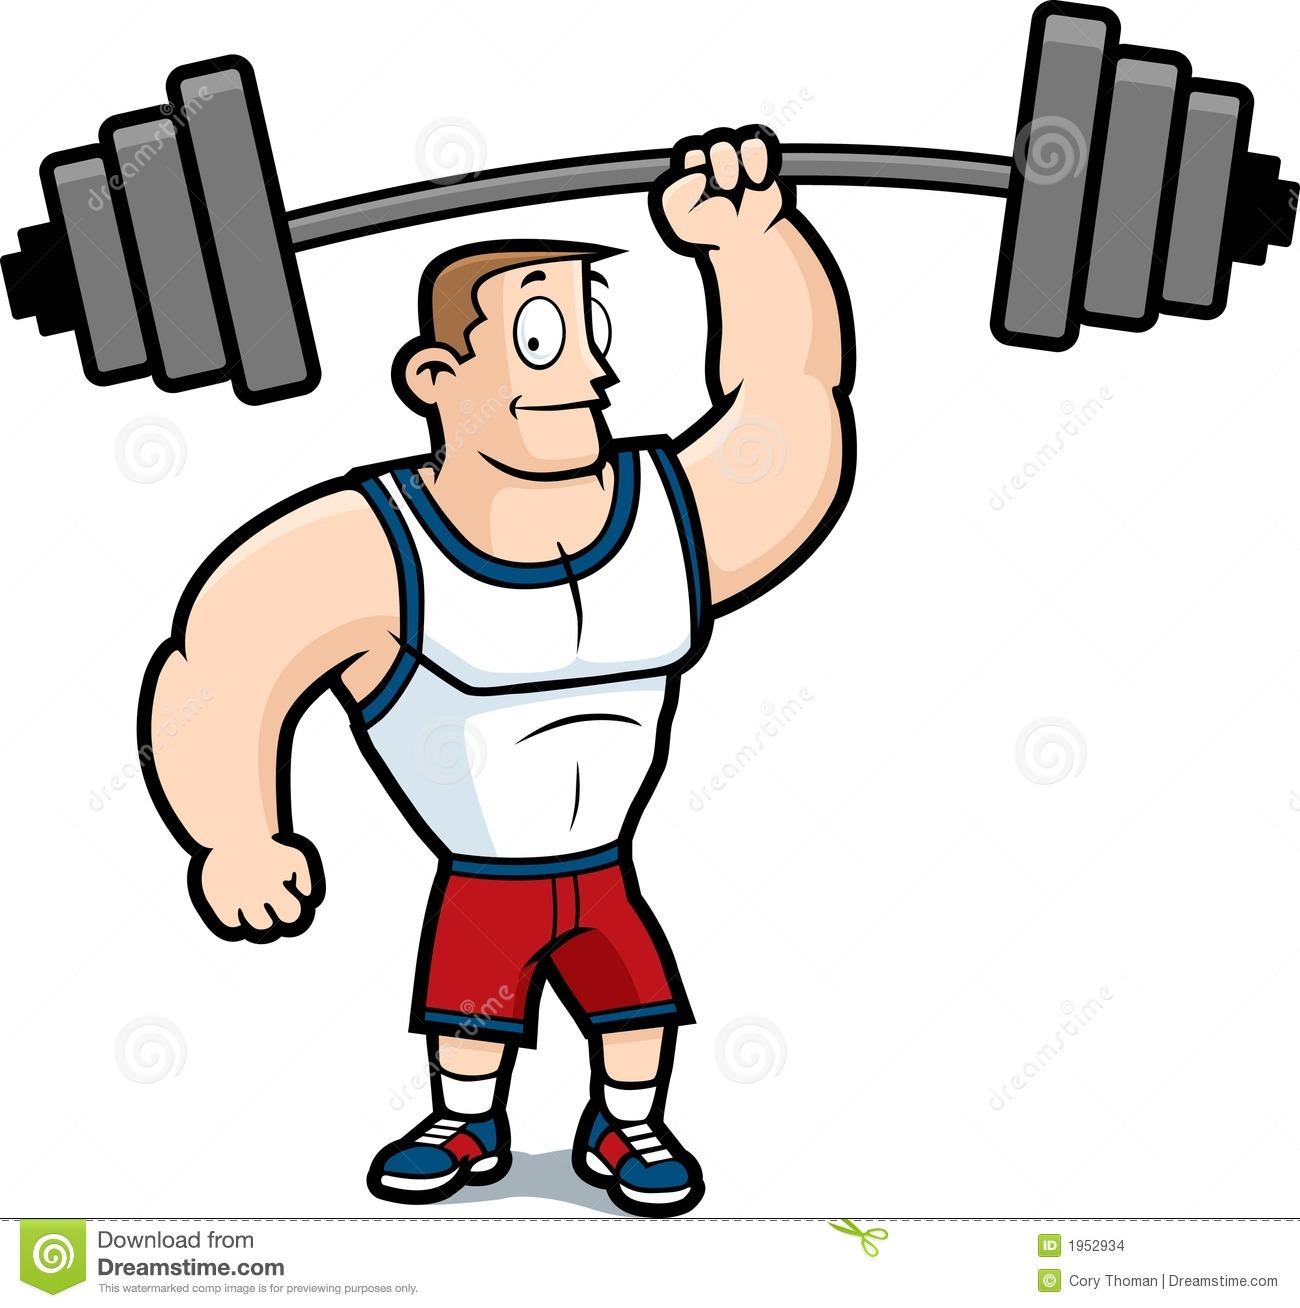 Gym Guy Stock Images Image 1952934-Gym Guy Stock Images Image 1952934-6